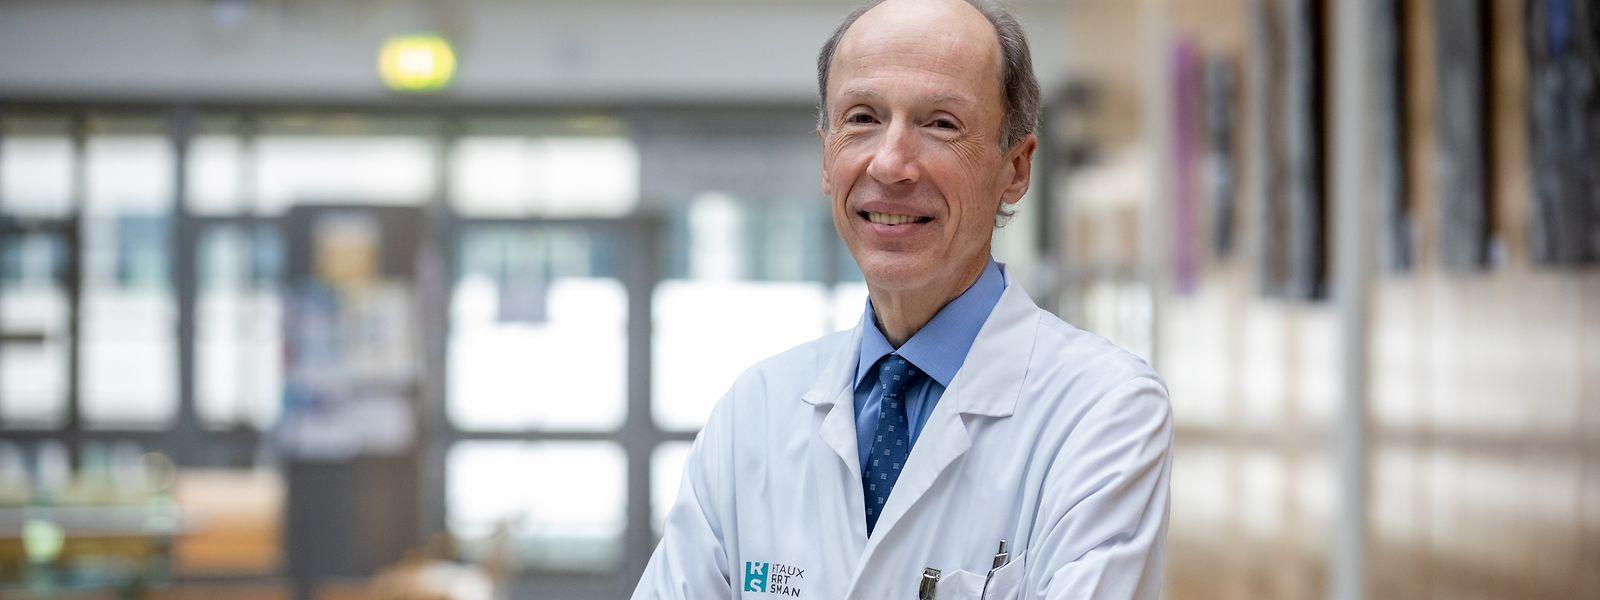 Die Virusausbreitung weltweit erfolgt hauptsächlich durch ungeimpfte Personen und sie sind es auch, die schwer erkranken, sagt Dr. Gérard Schockmel.